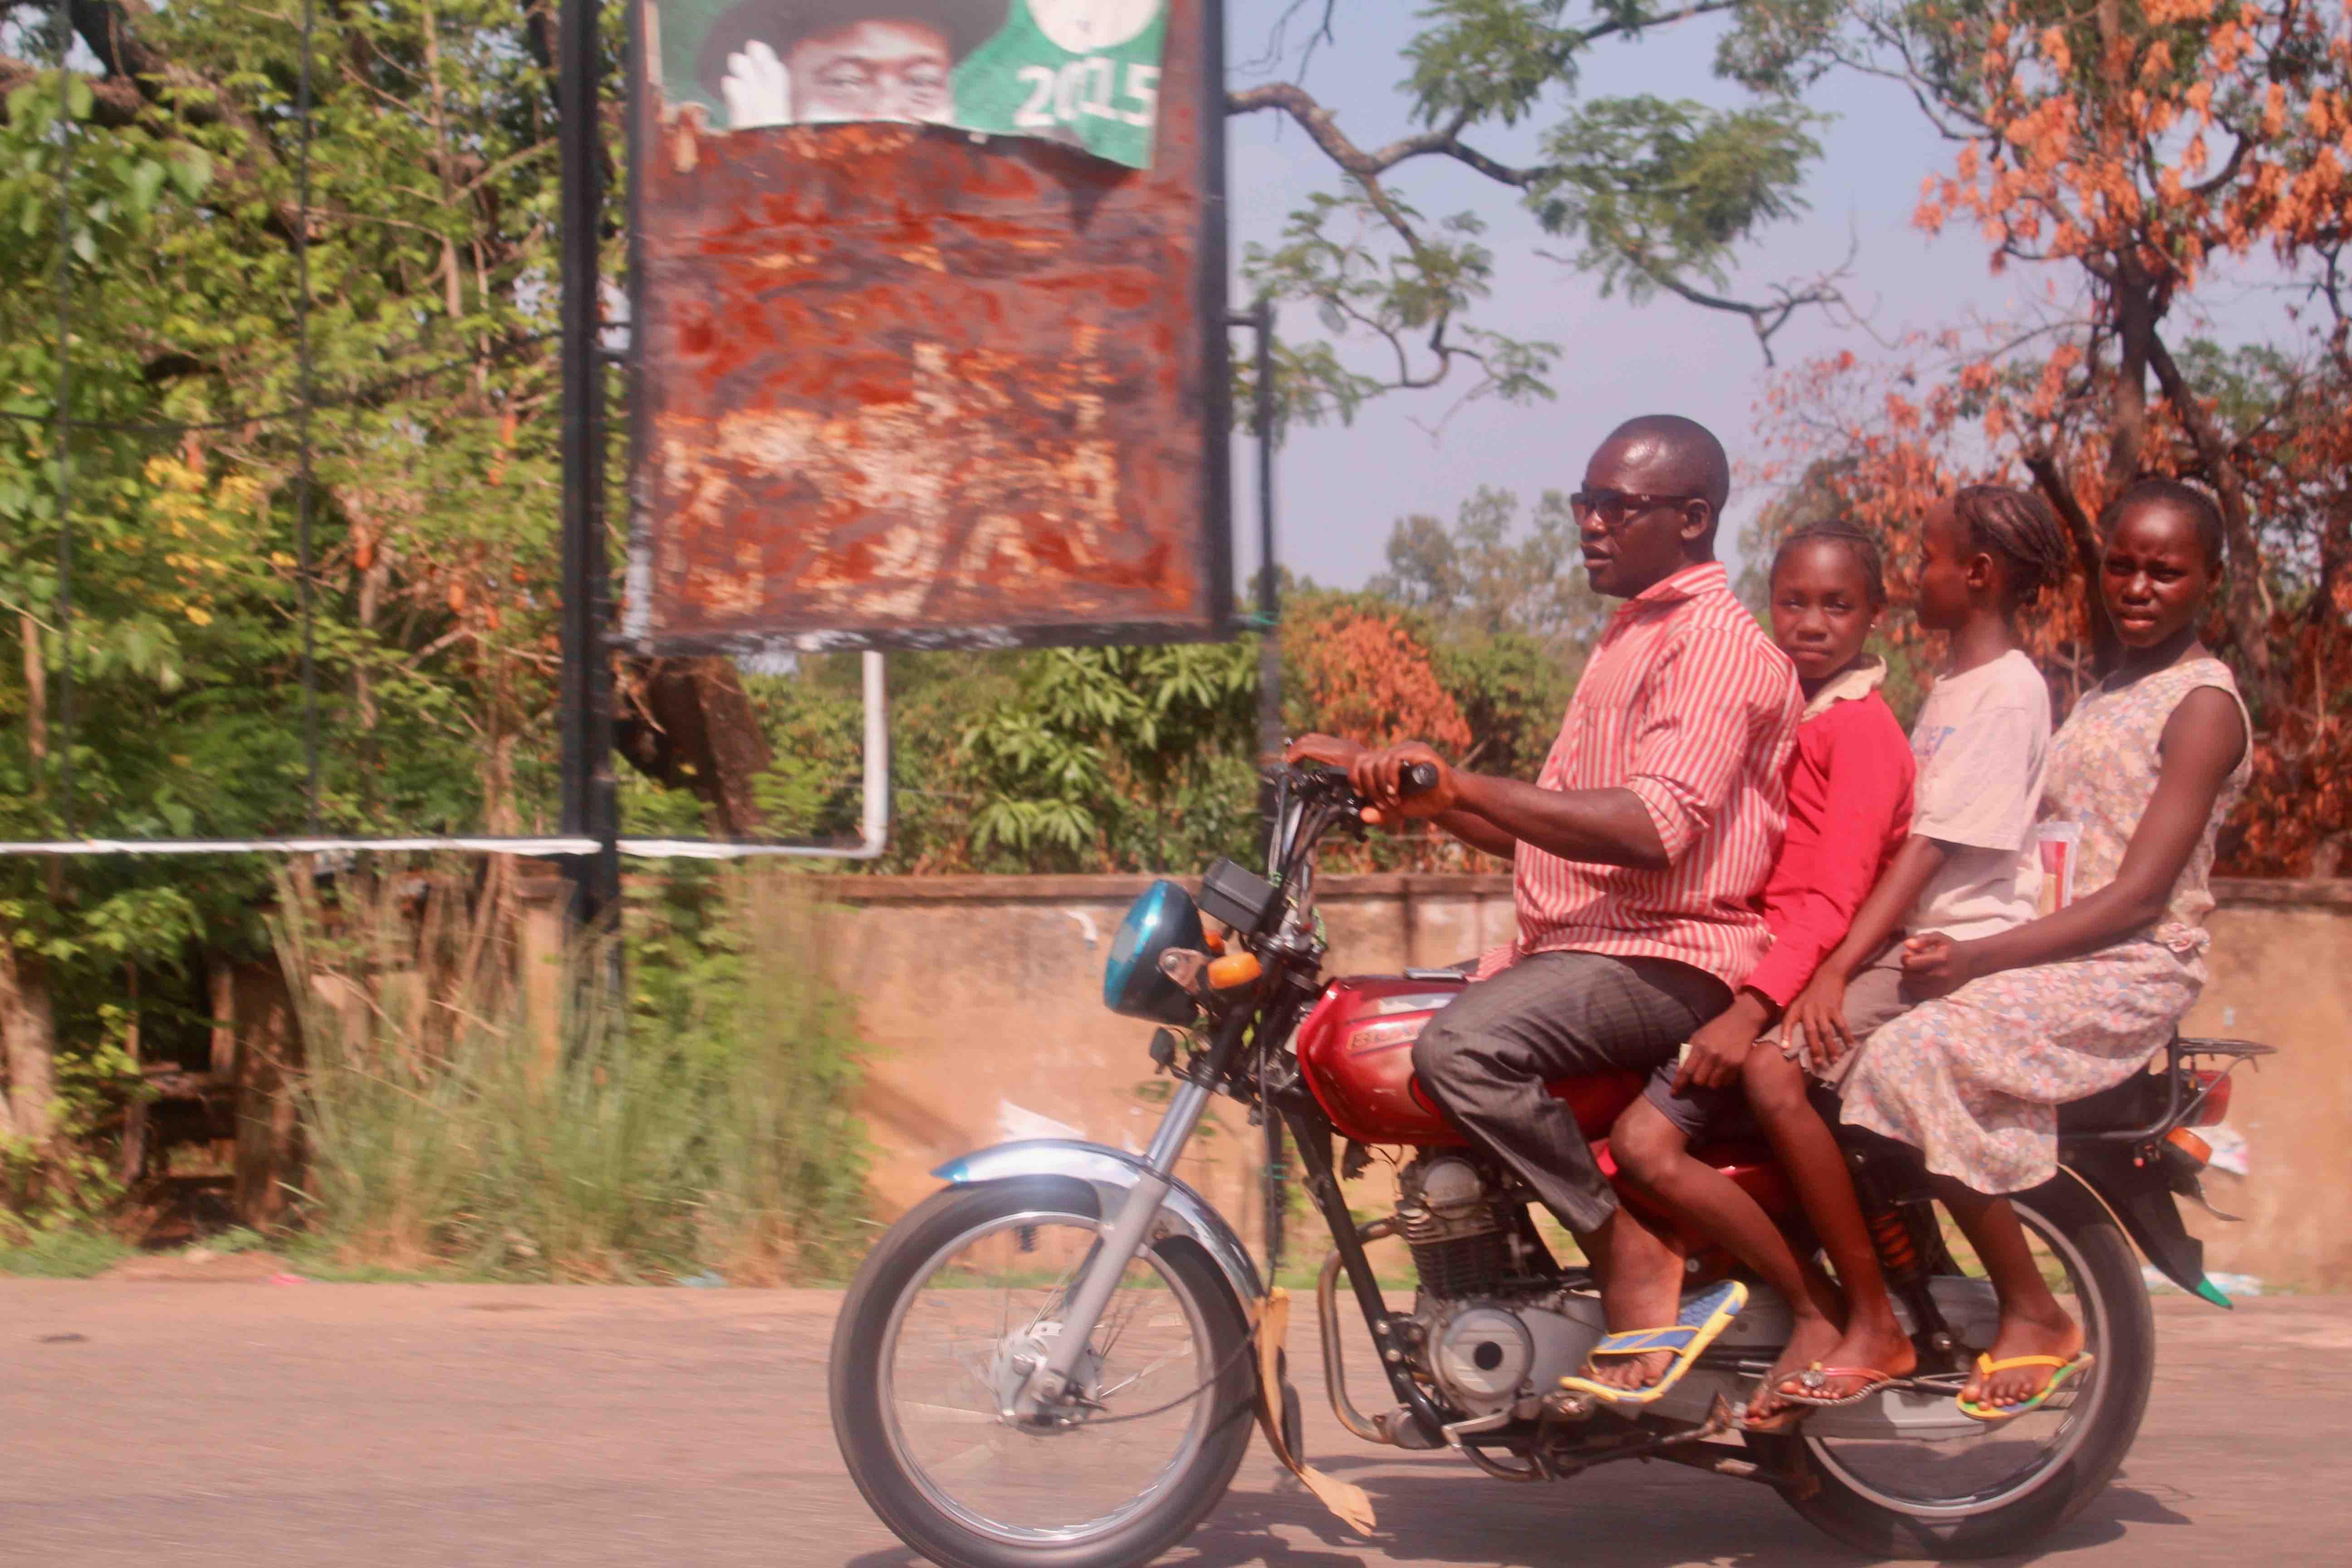 Motorcycling in Keffi, Nasarawa State, Nigeria. #JujuFilms